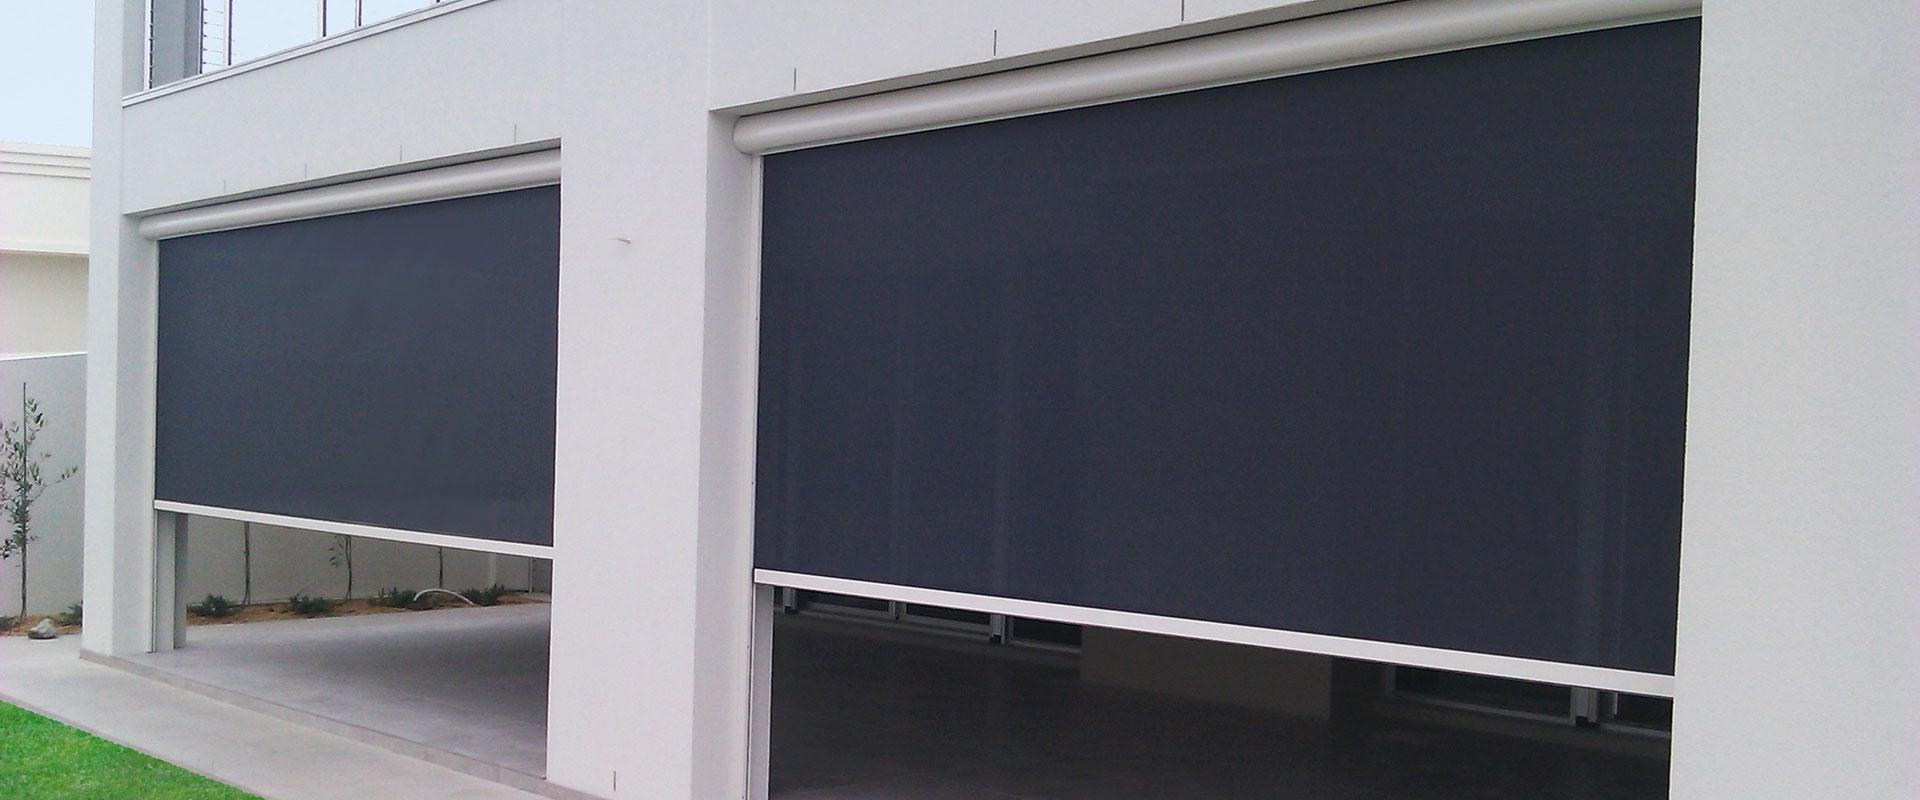 black-blinds-white-wall-ziptrak-blinds-adelaide